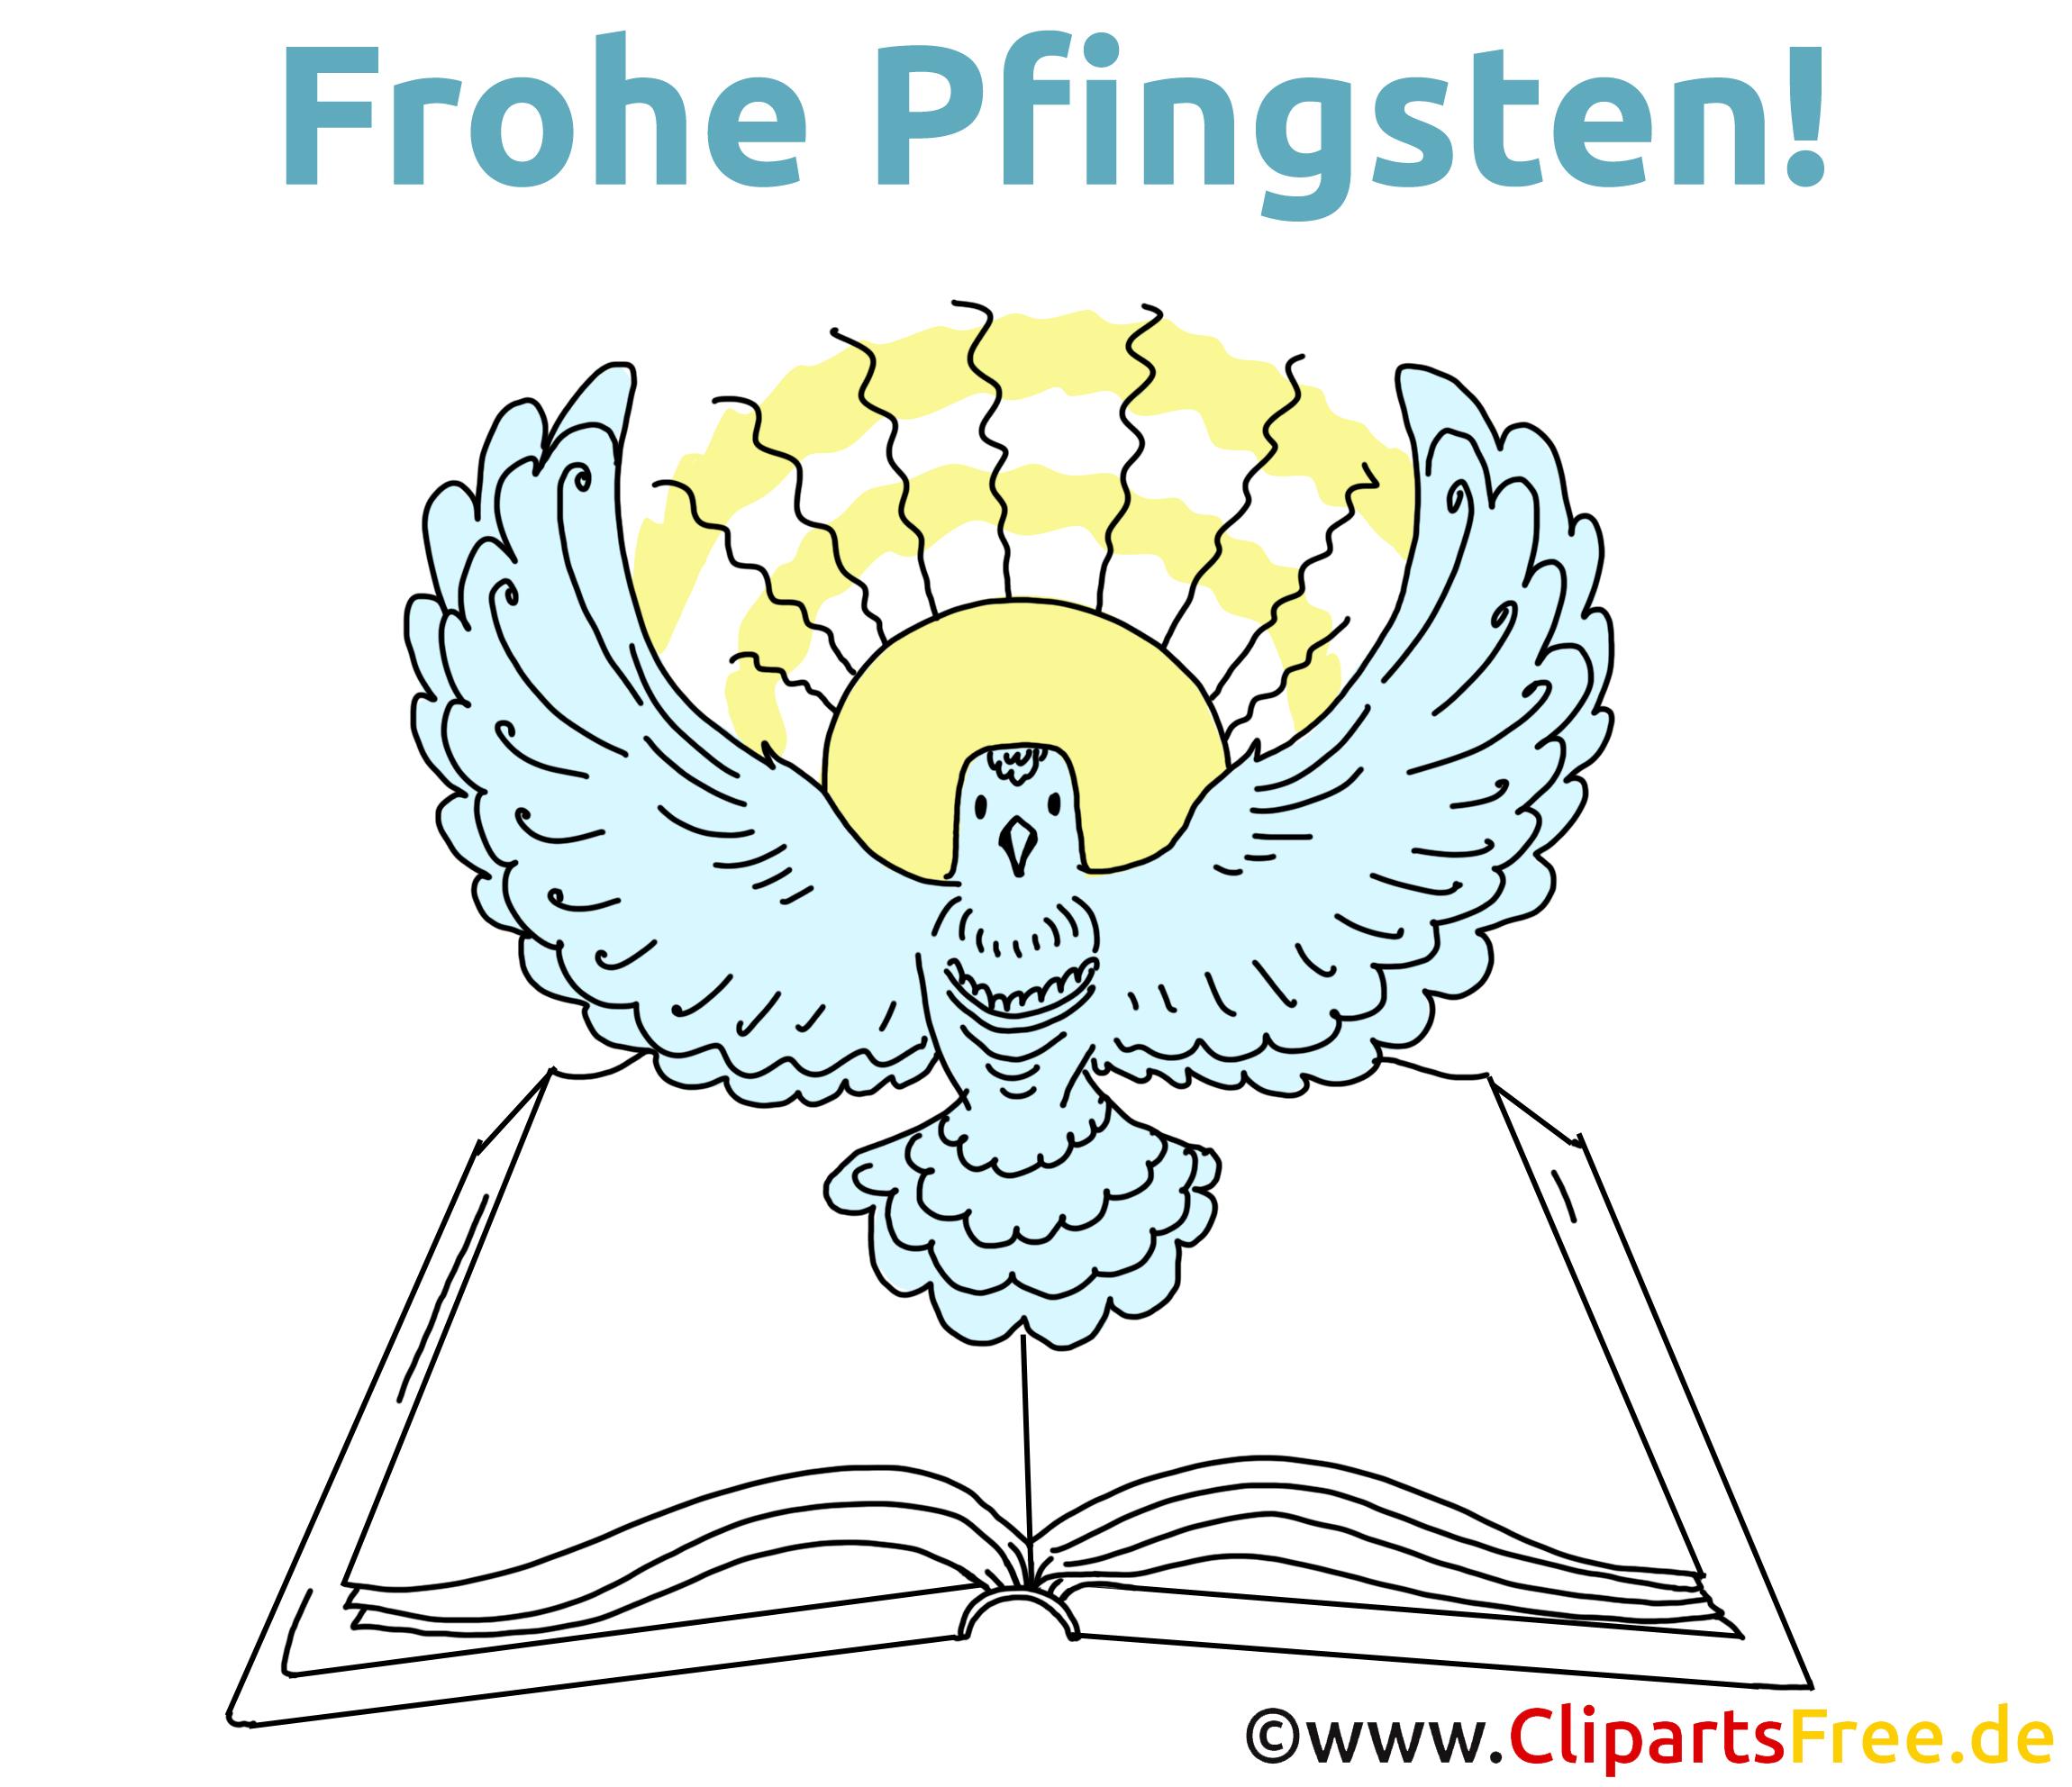 Frohe Pfingsten Glückwunschkarte, E-Karte